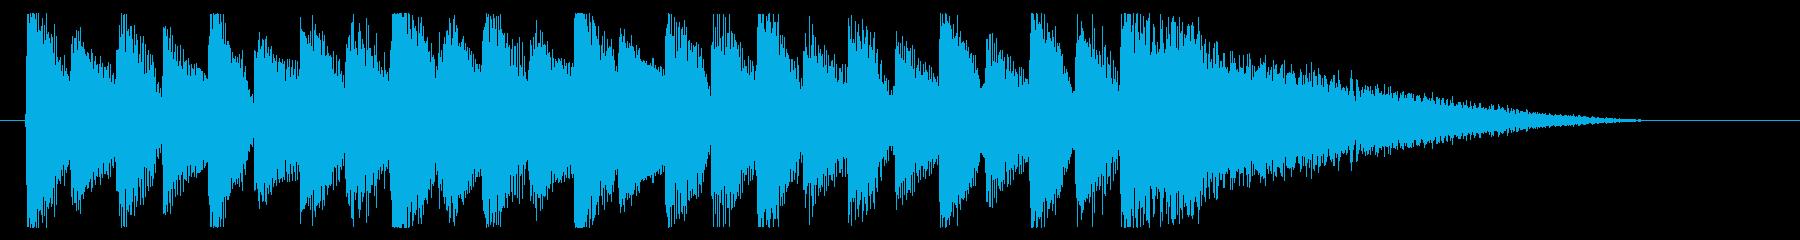 【君が景色に2】の再生済みの波形